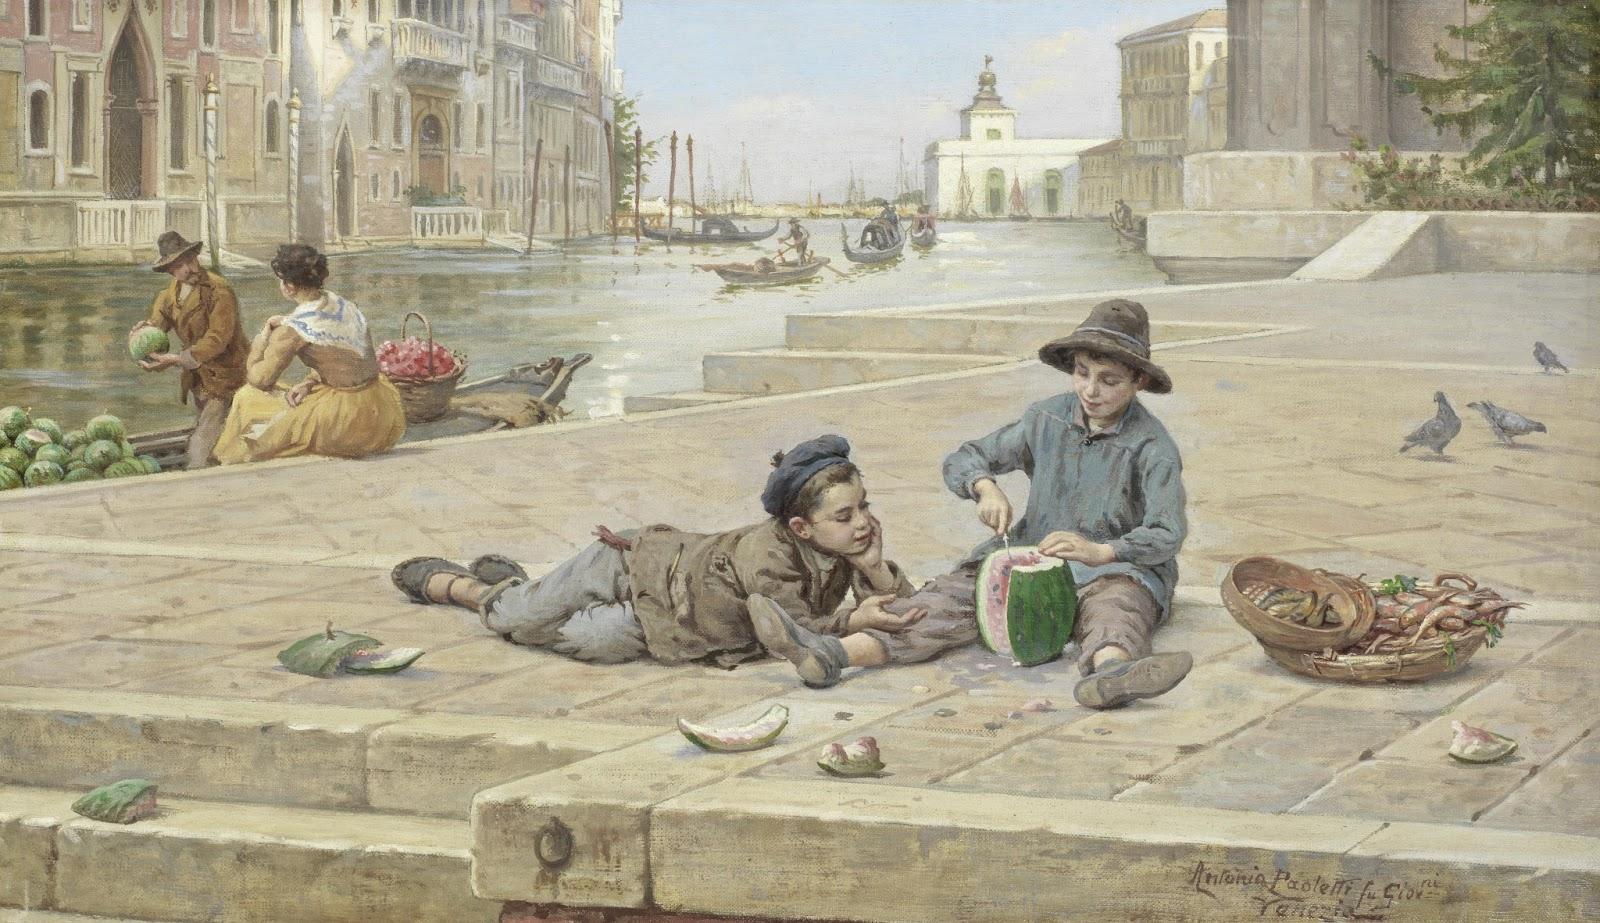 Antonio Ermolao Paoletti (1834-1912)